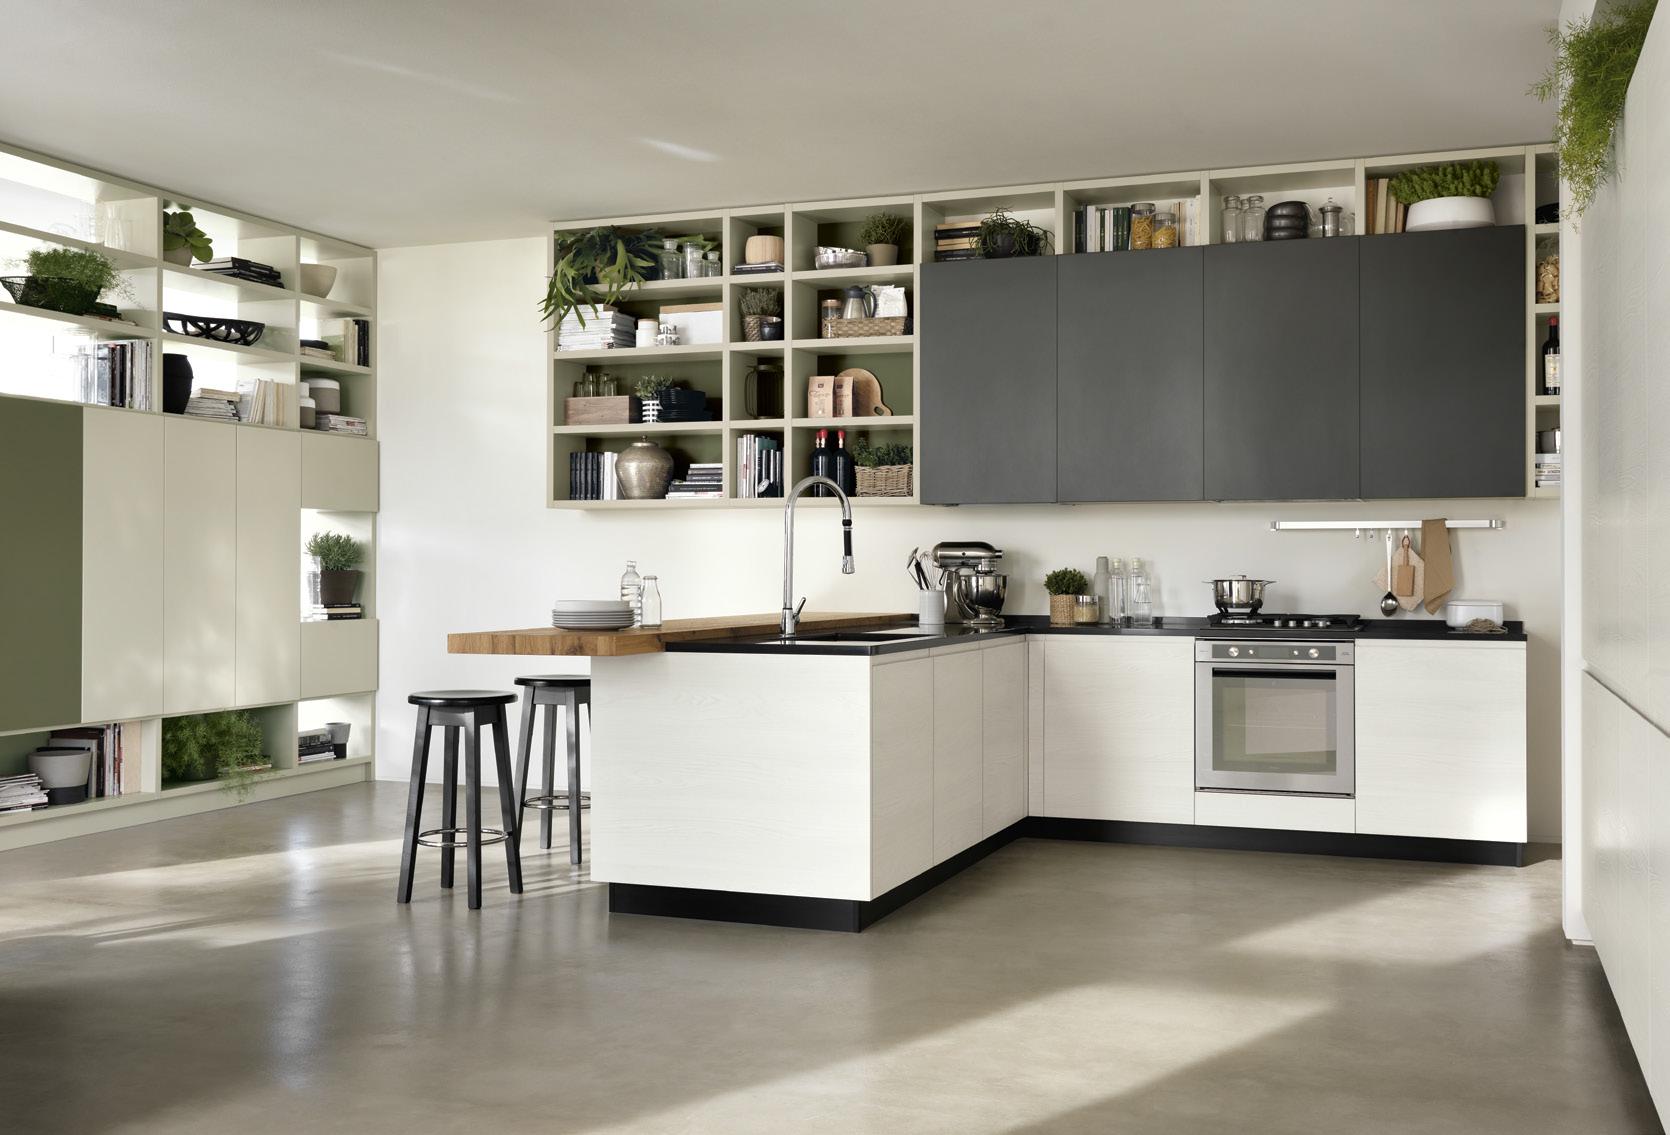 Mobile cucina ikea su misura - Ikea cassetti cucina ...